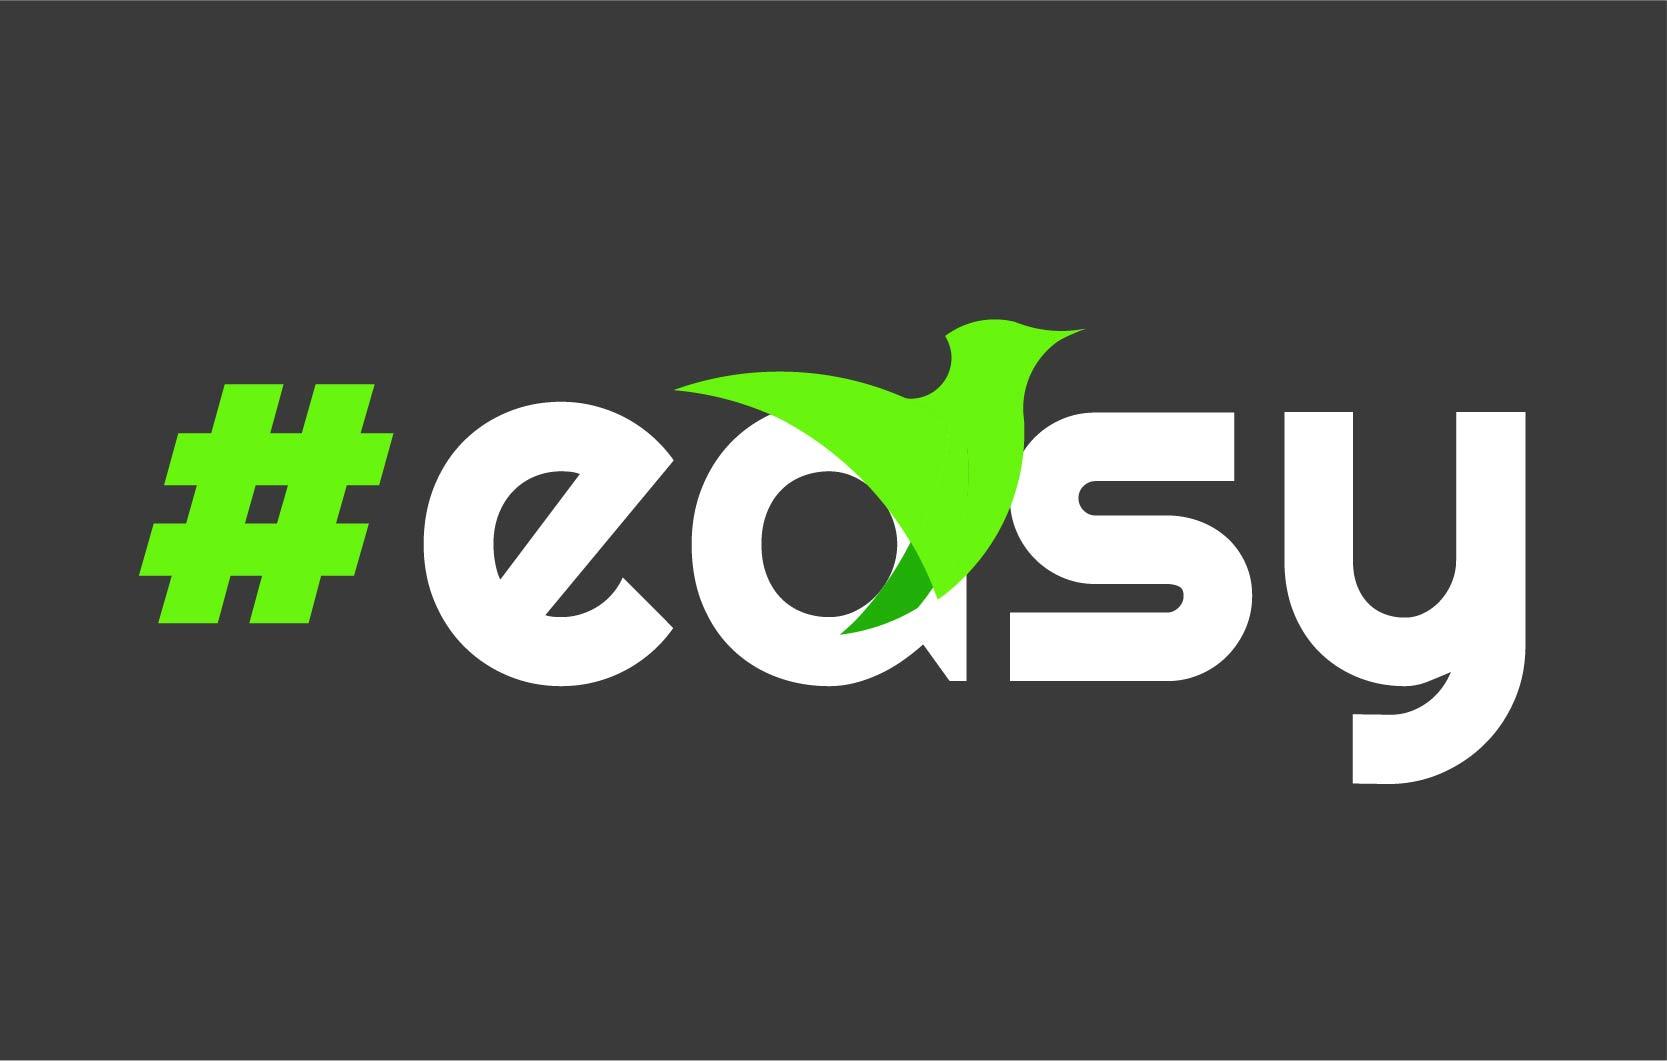 Разработка логотипа в виде хэштега #easy с зеленой колибри  фото f_6085d513dad68985.jpg